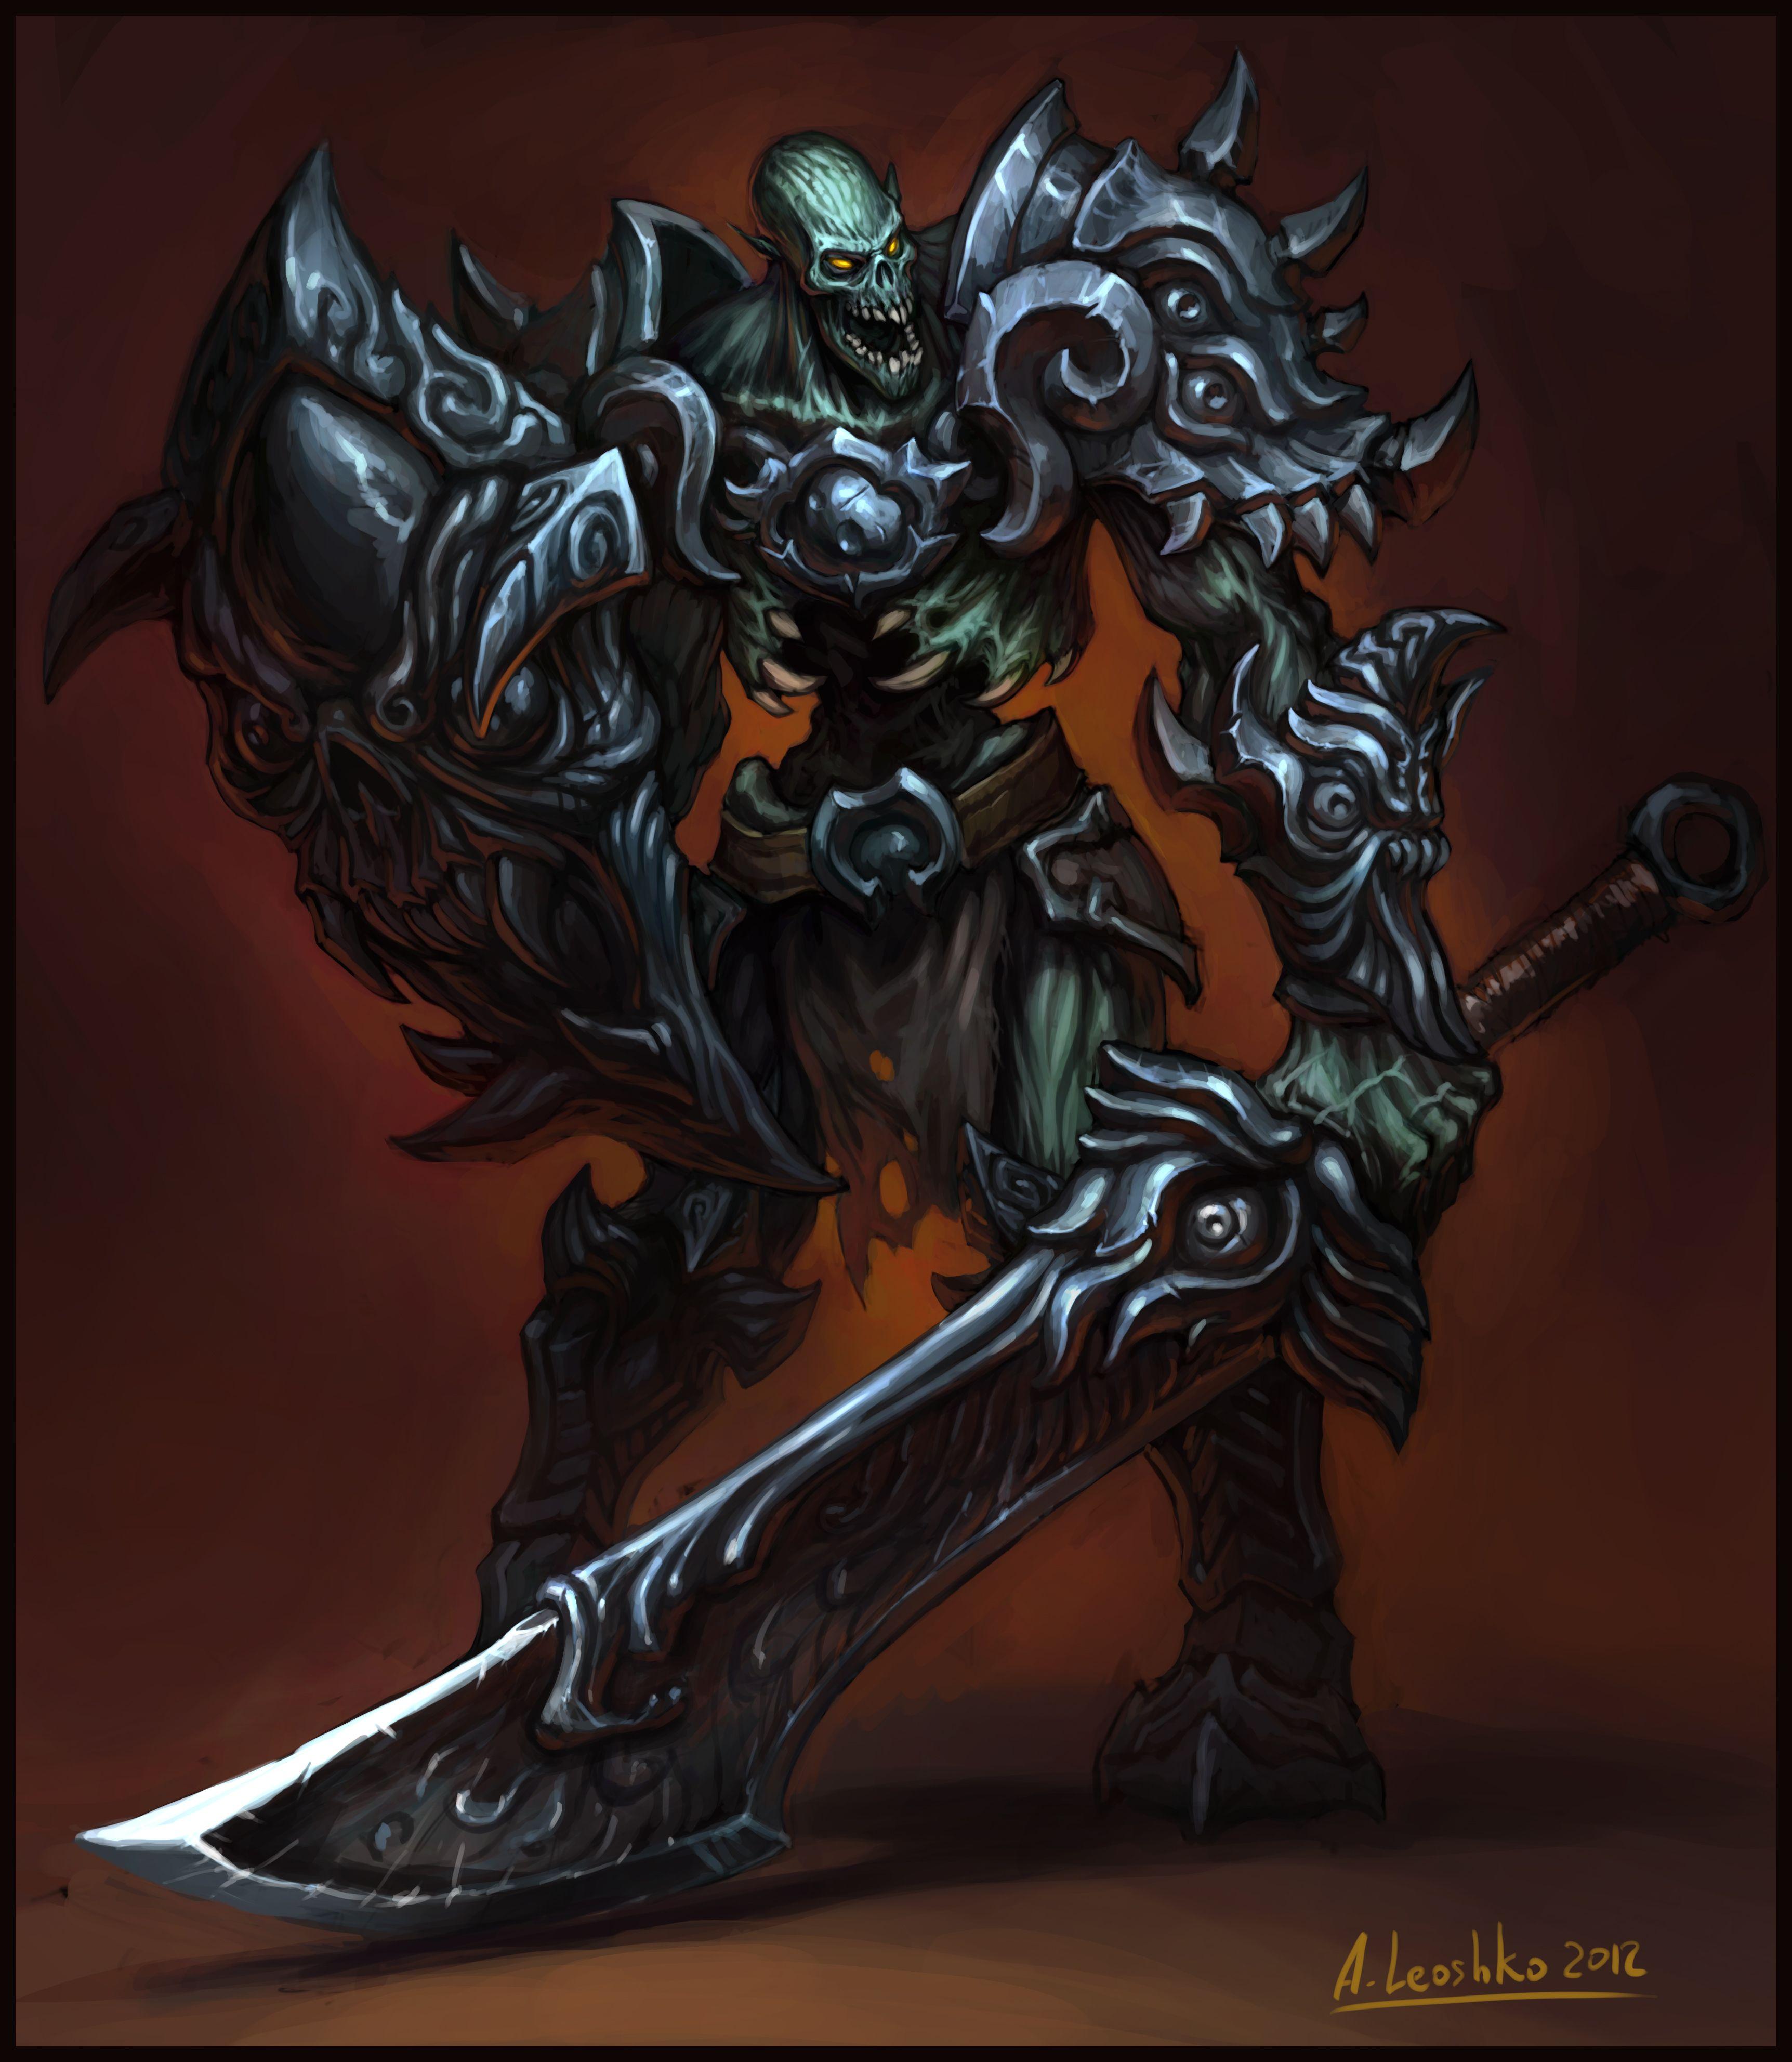 World of warcraft undead warrior erotic vids